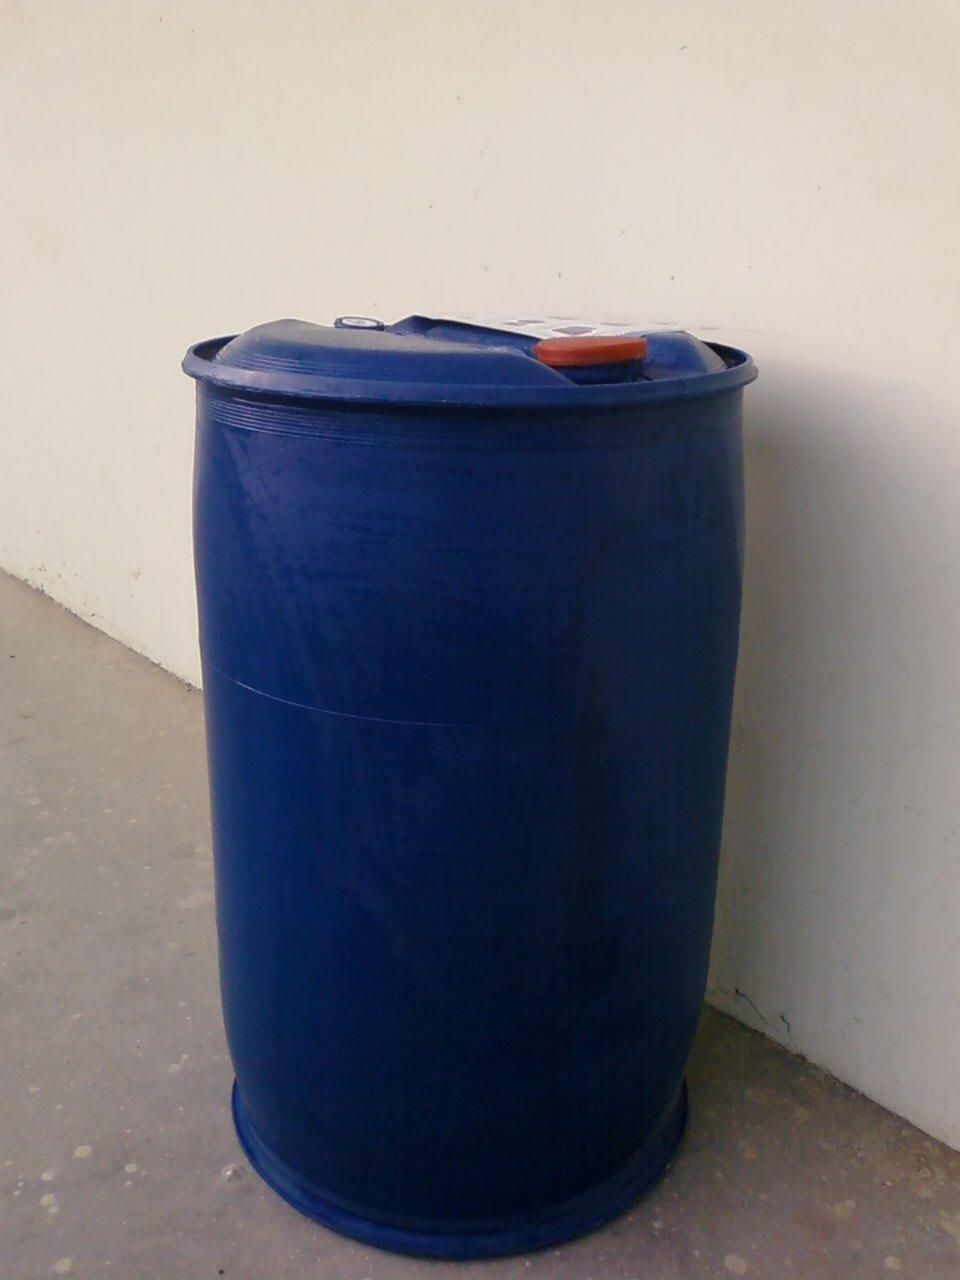 100升塑料桶、100L塑料桶可以出口,有出口证。山东新利塑料桶有限公司是华北最大的大中型塑料容器塑料桶生产企业,山东省科委认定的高新技术企业,山东省出口包装容器塑料桶定点生产企业。公司年生产塑料桶能力6000吨,各类专业技术人员67人。主要塑料桶生产设备有日本、德国、意大利引进。生产设备先进,技术力量雄厚。1998年被列为全国塑料行业百强企业,是ISO9002国际质量体系认证企业。 公司生产1升塑料桶2.